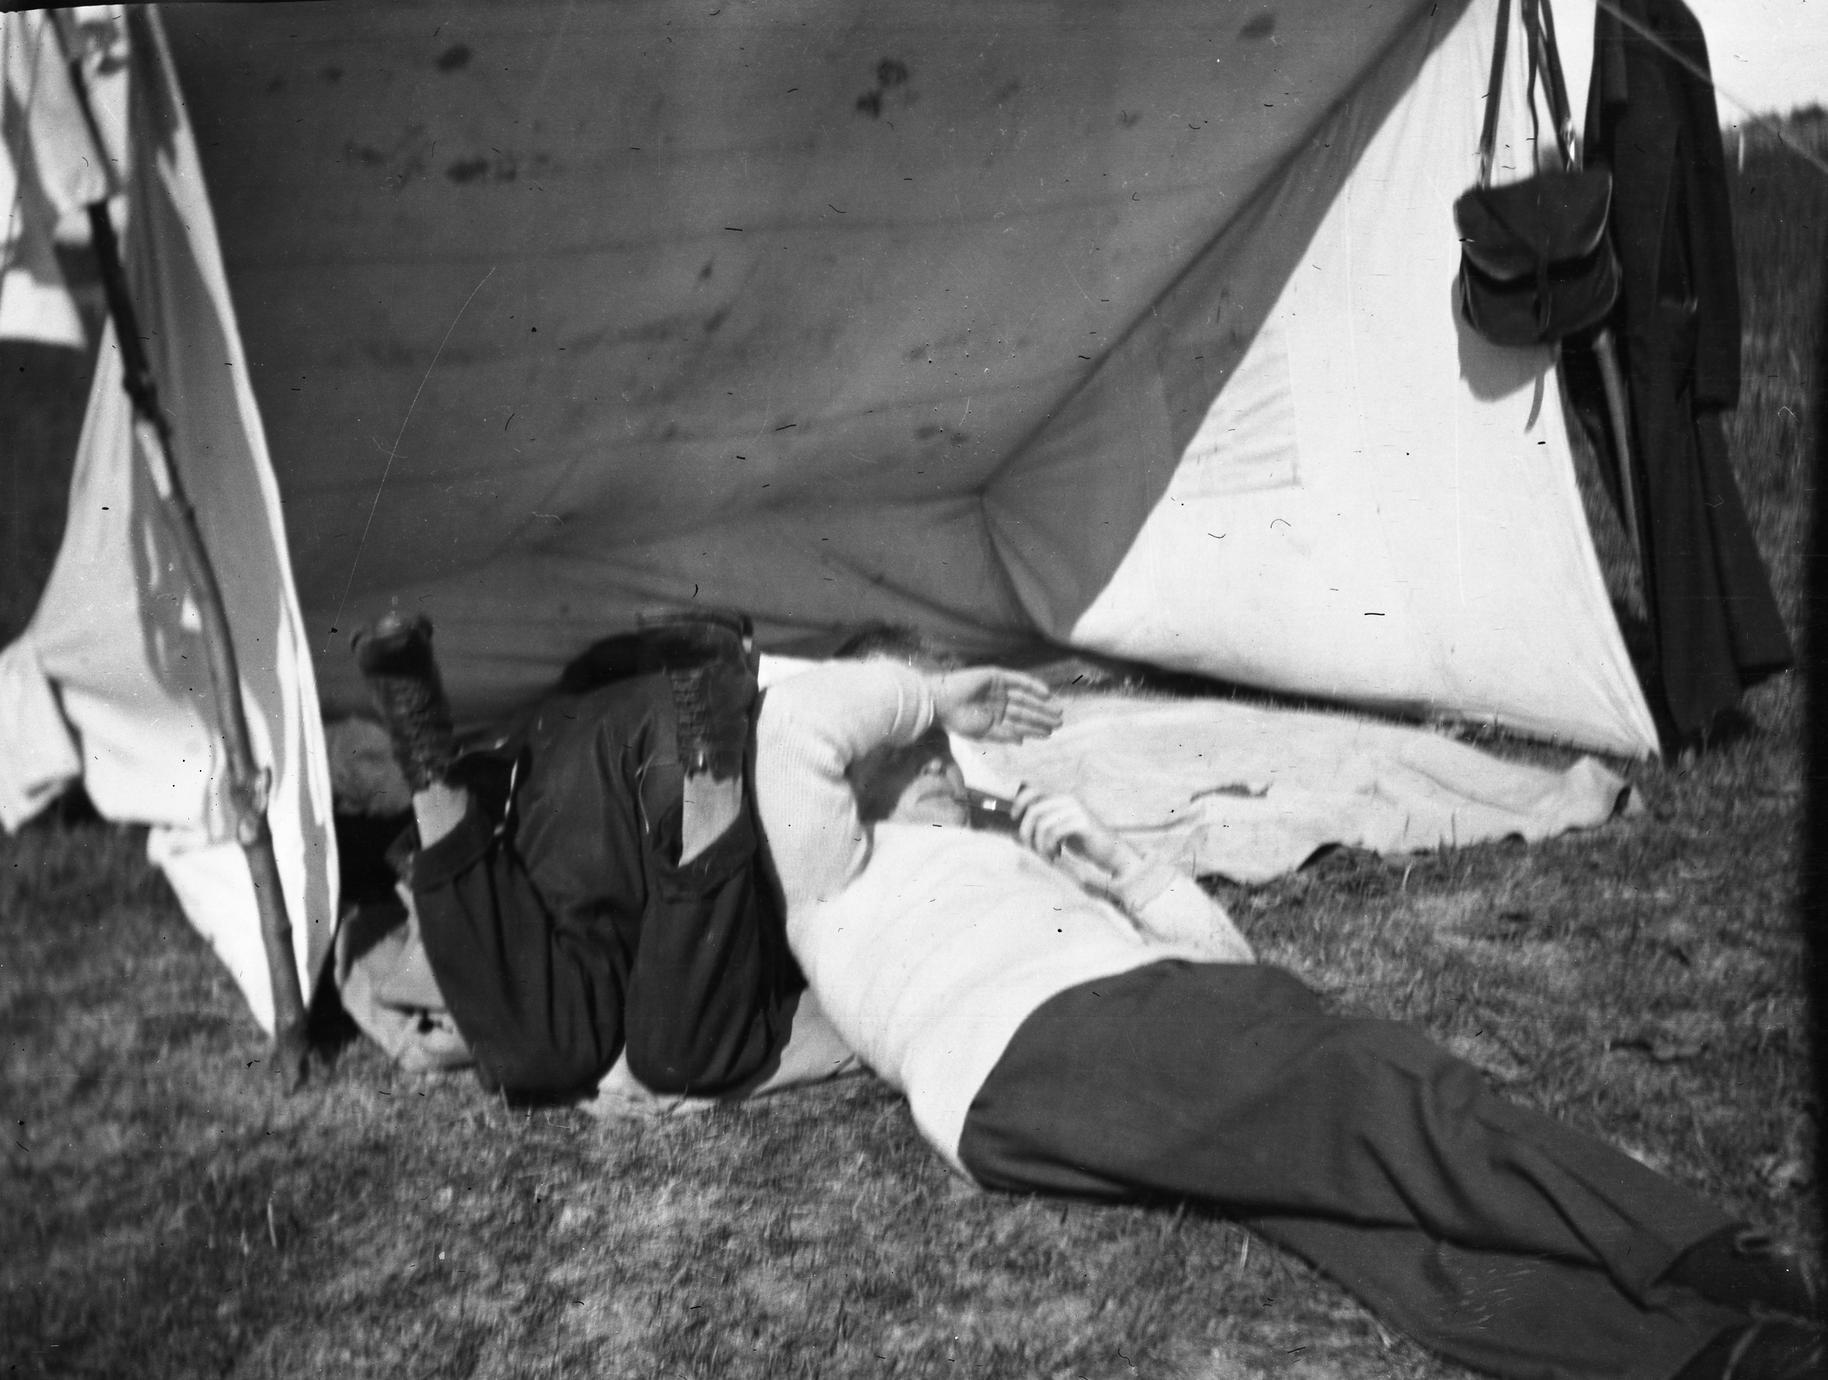 Men reclining in tent